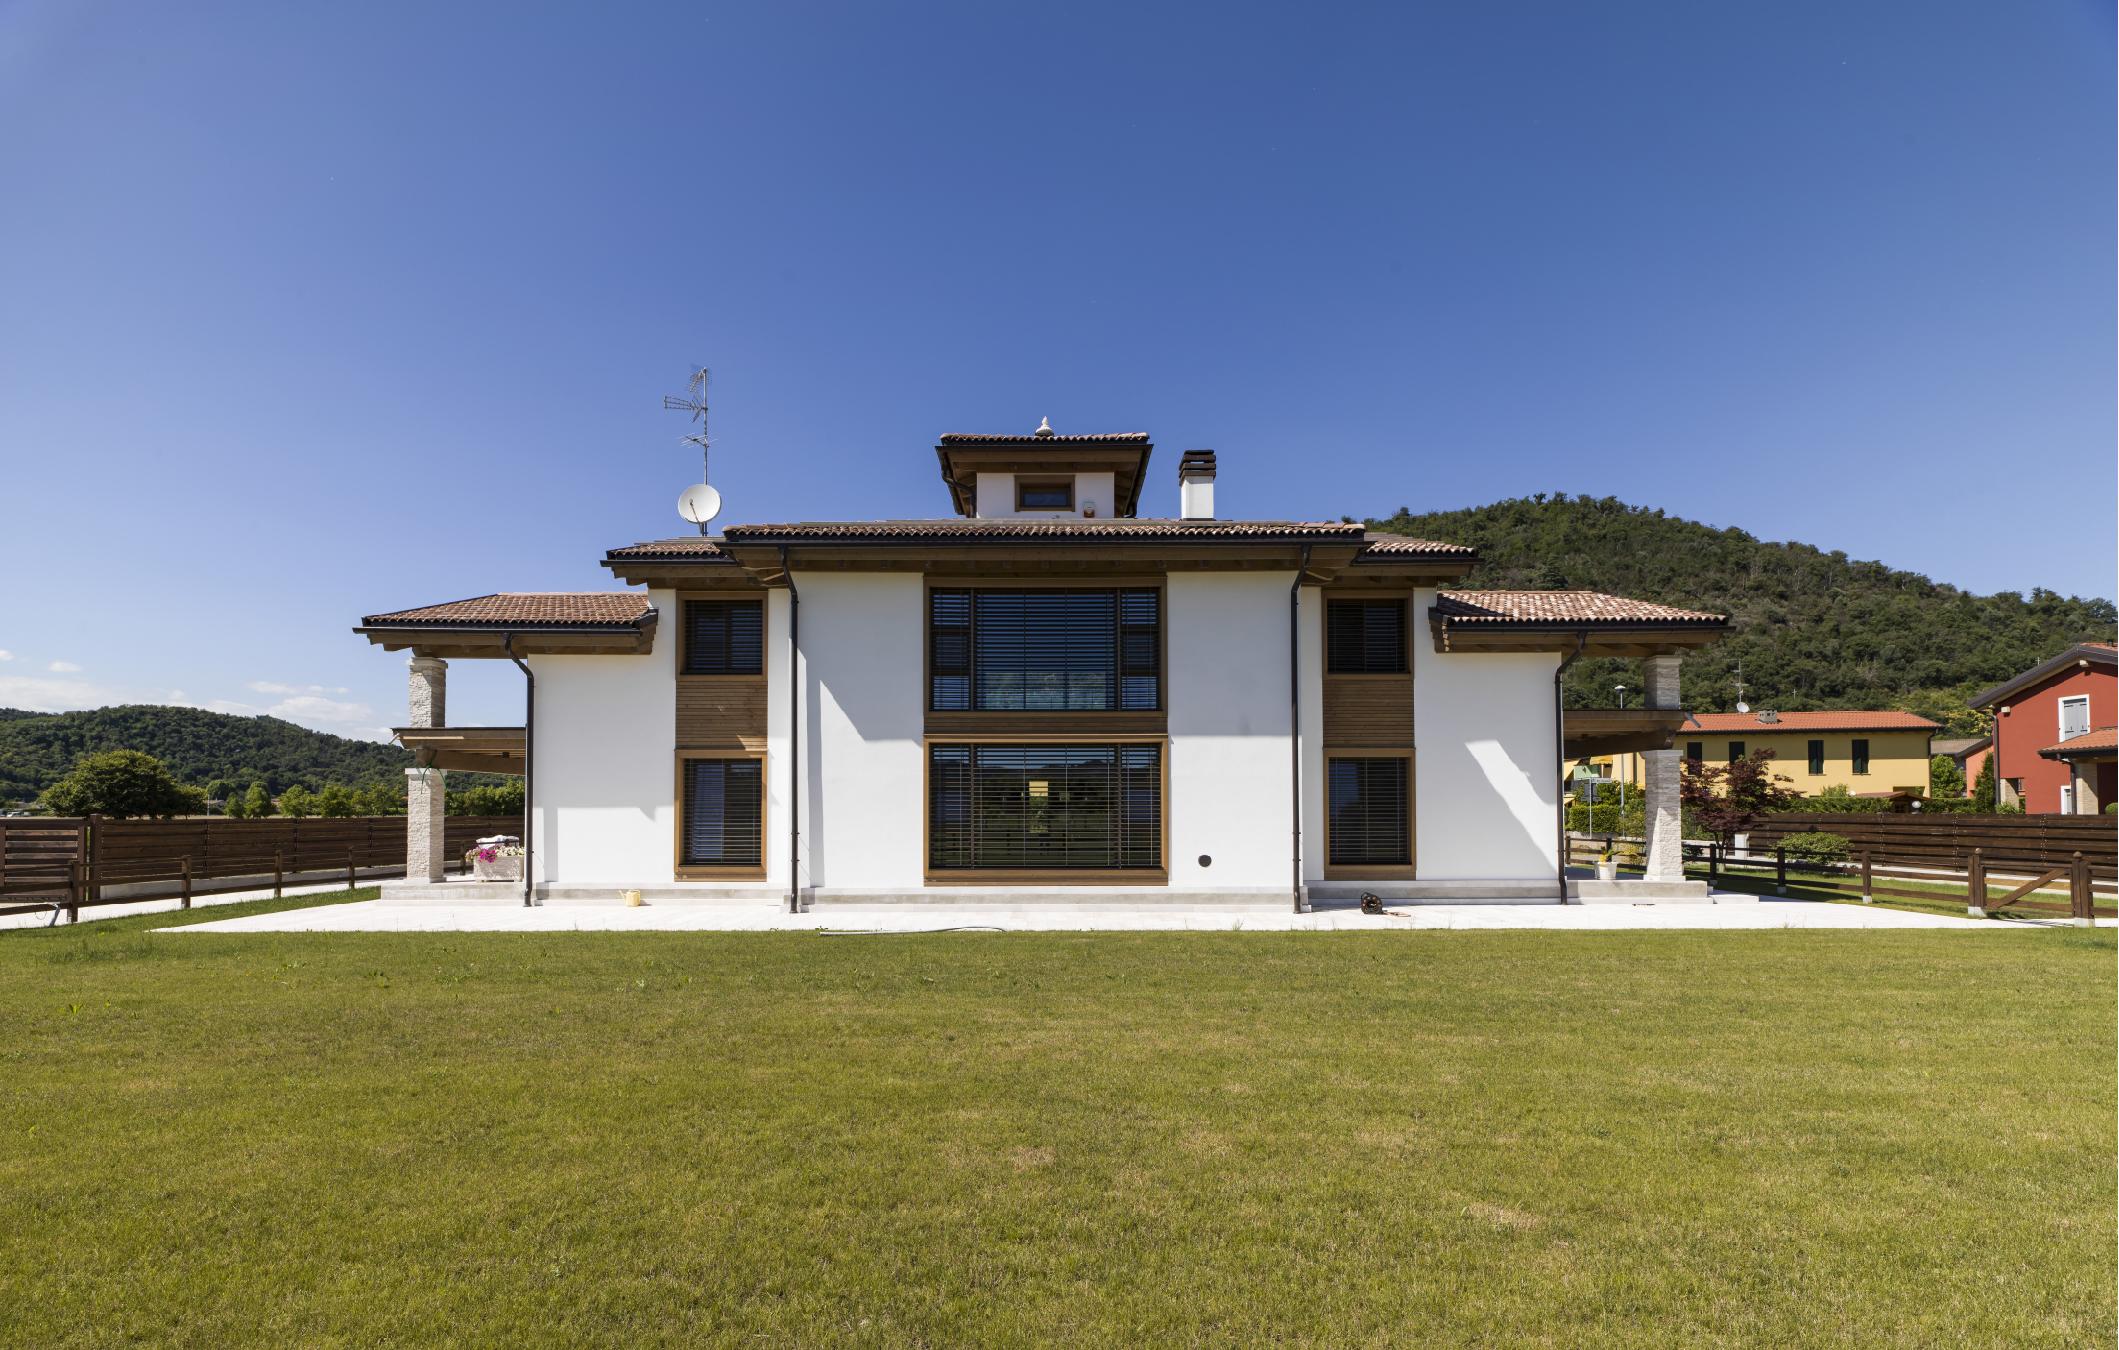 La prima casa vedica costruita in italia secondo leggi - Agevolazioni costruzione prima casa 2017 ...